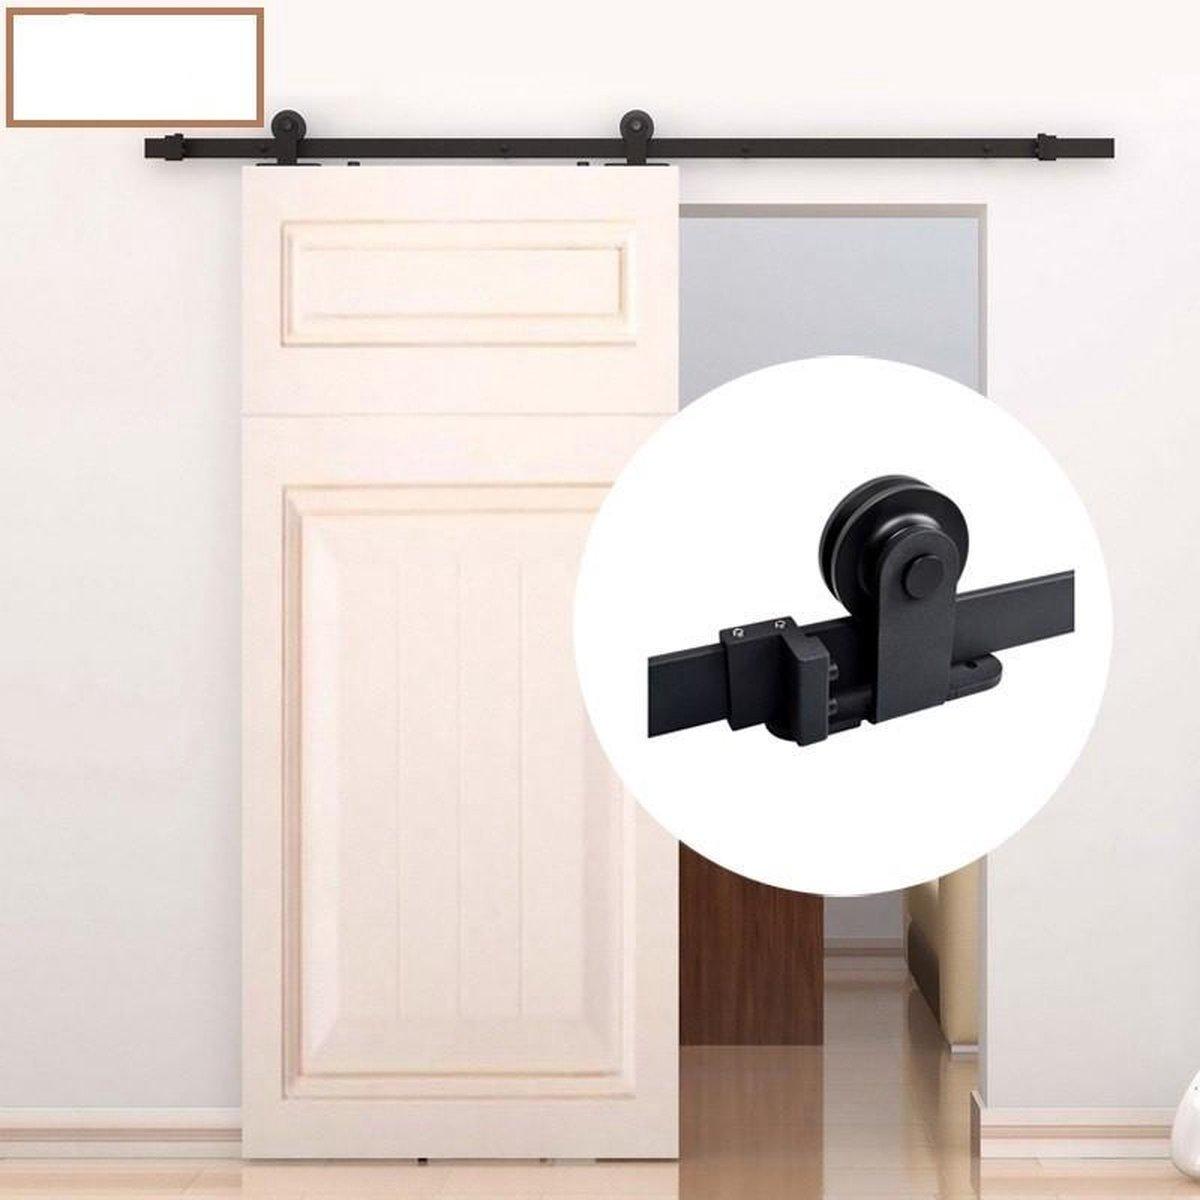 Schuifdeur systeem  - Schuifdeurbeslag - Mat zwart met hangrollen boven op - - XAPTOVi